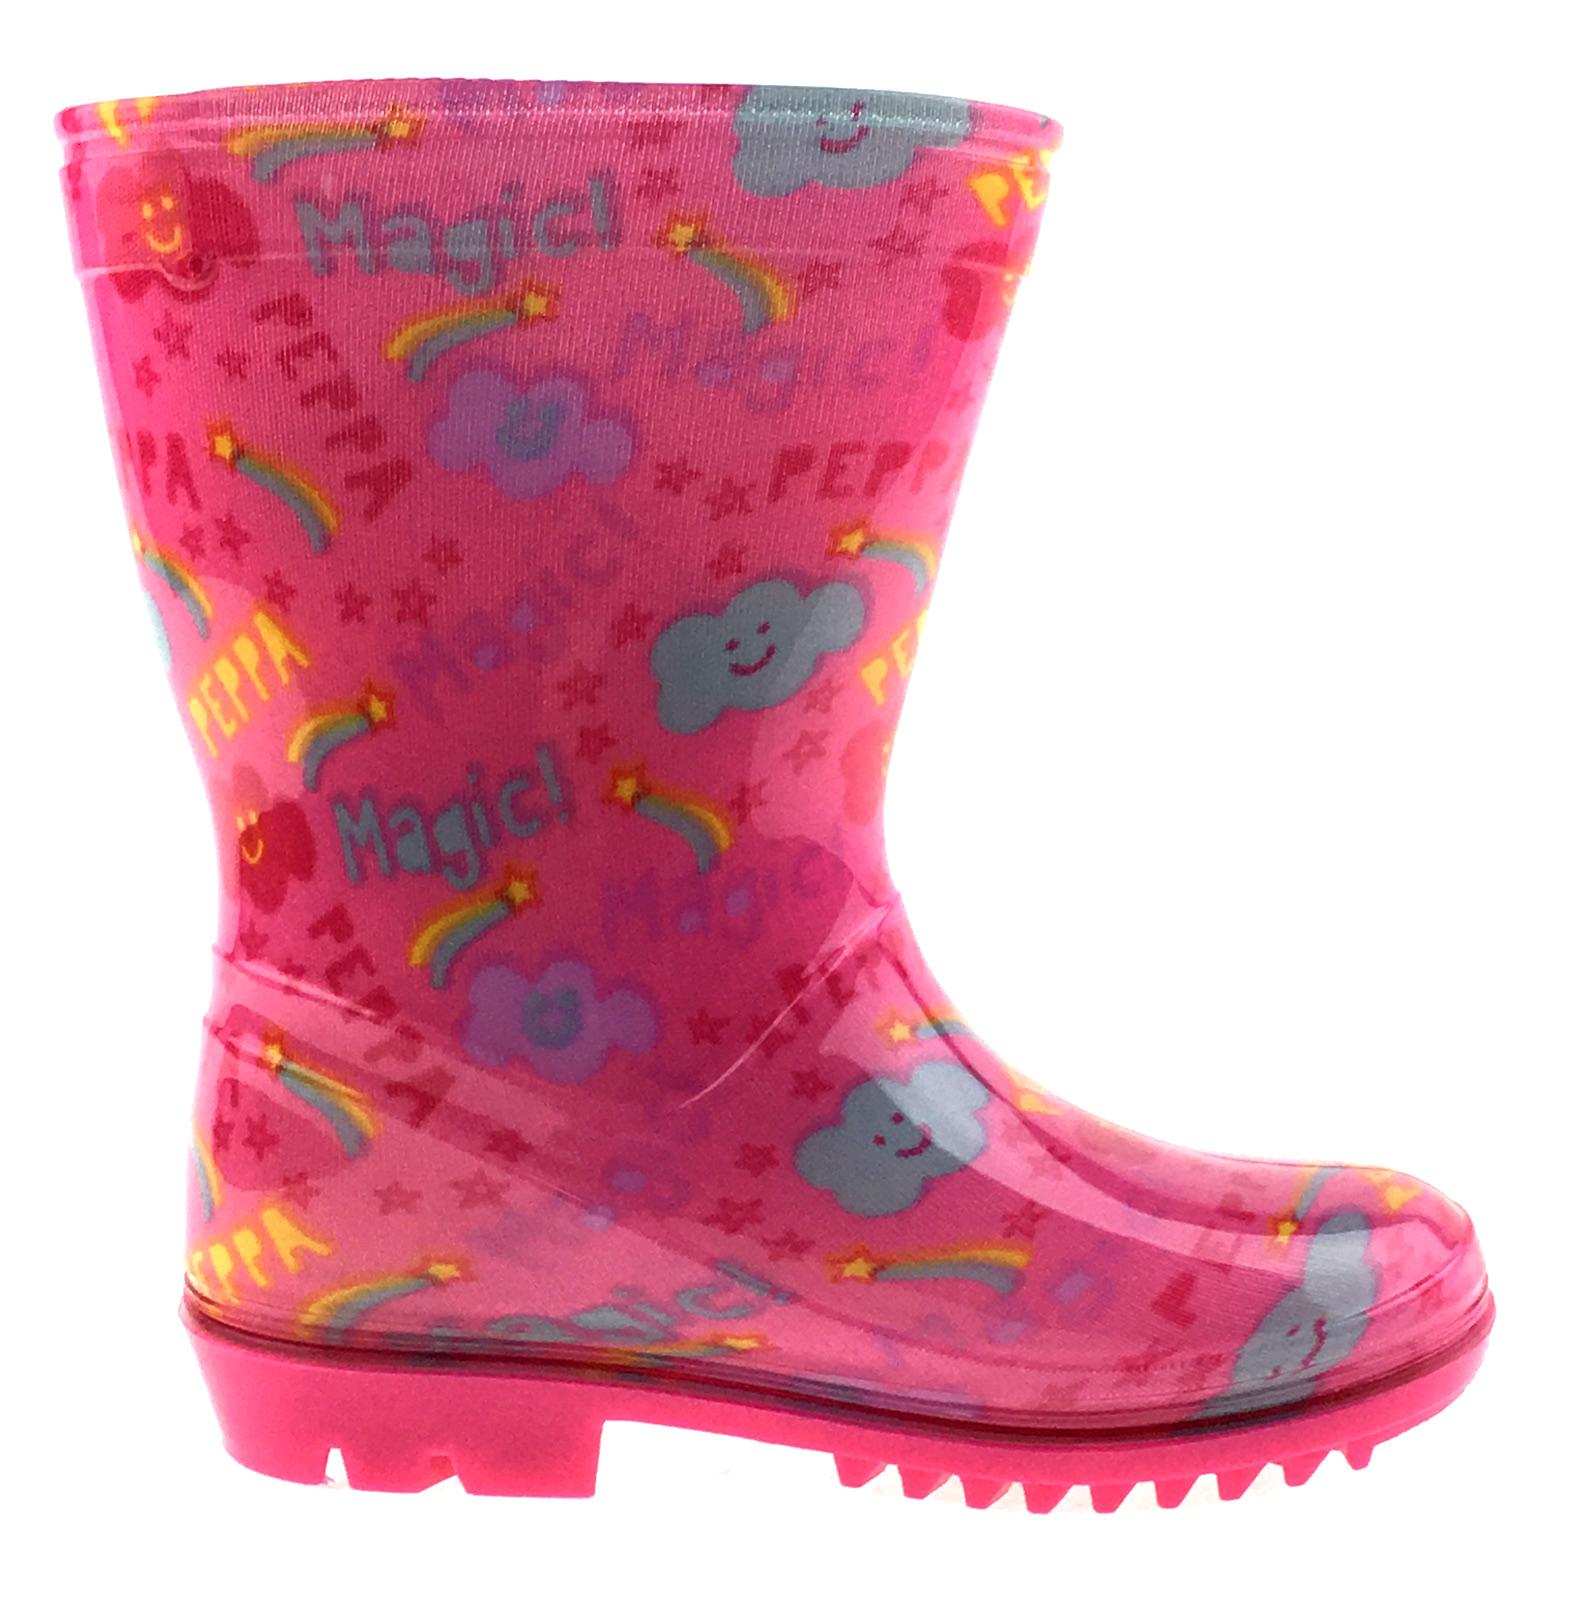 Girls-Peppa-Pig-Wellington-Boots-Mid-Calf-Gitter-Snow-Rain-Wellies-Kids-Size Indexbild 33